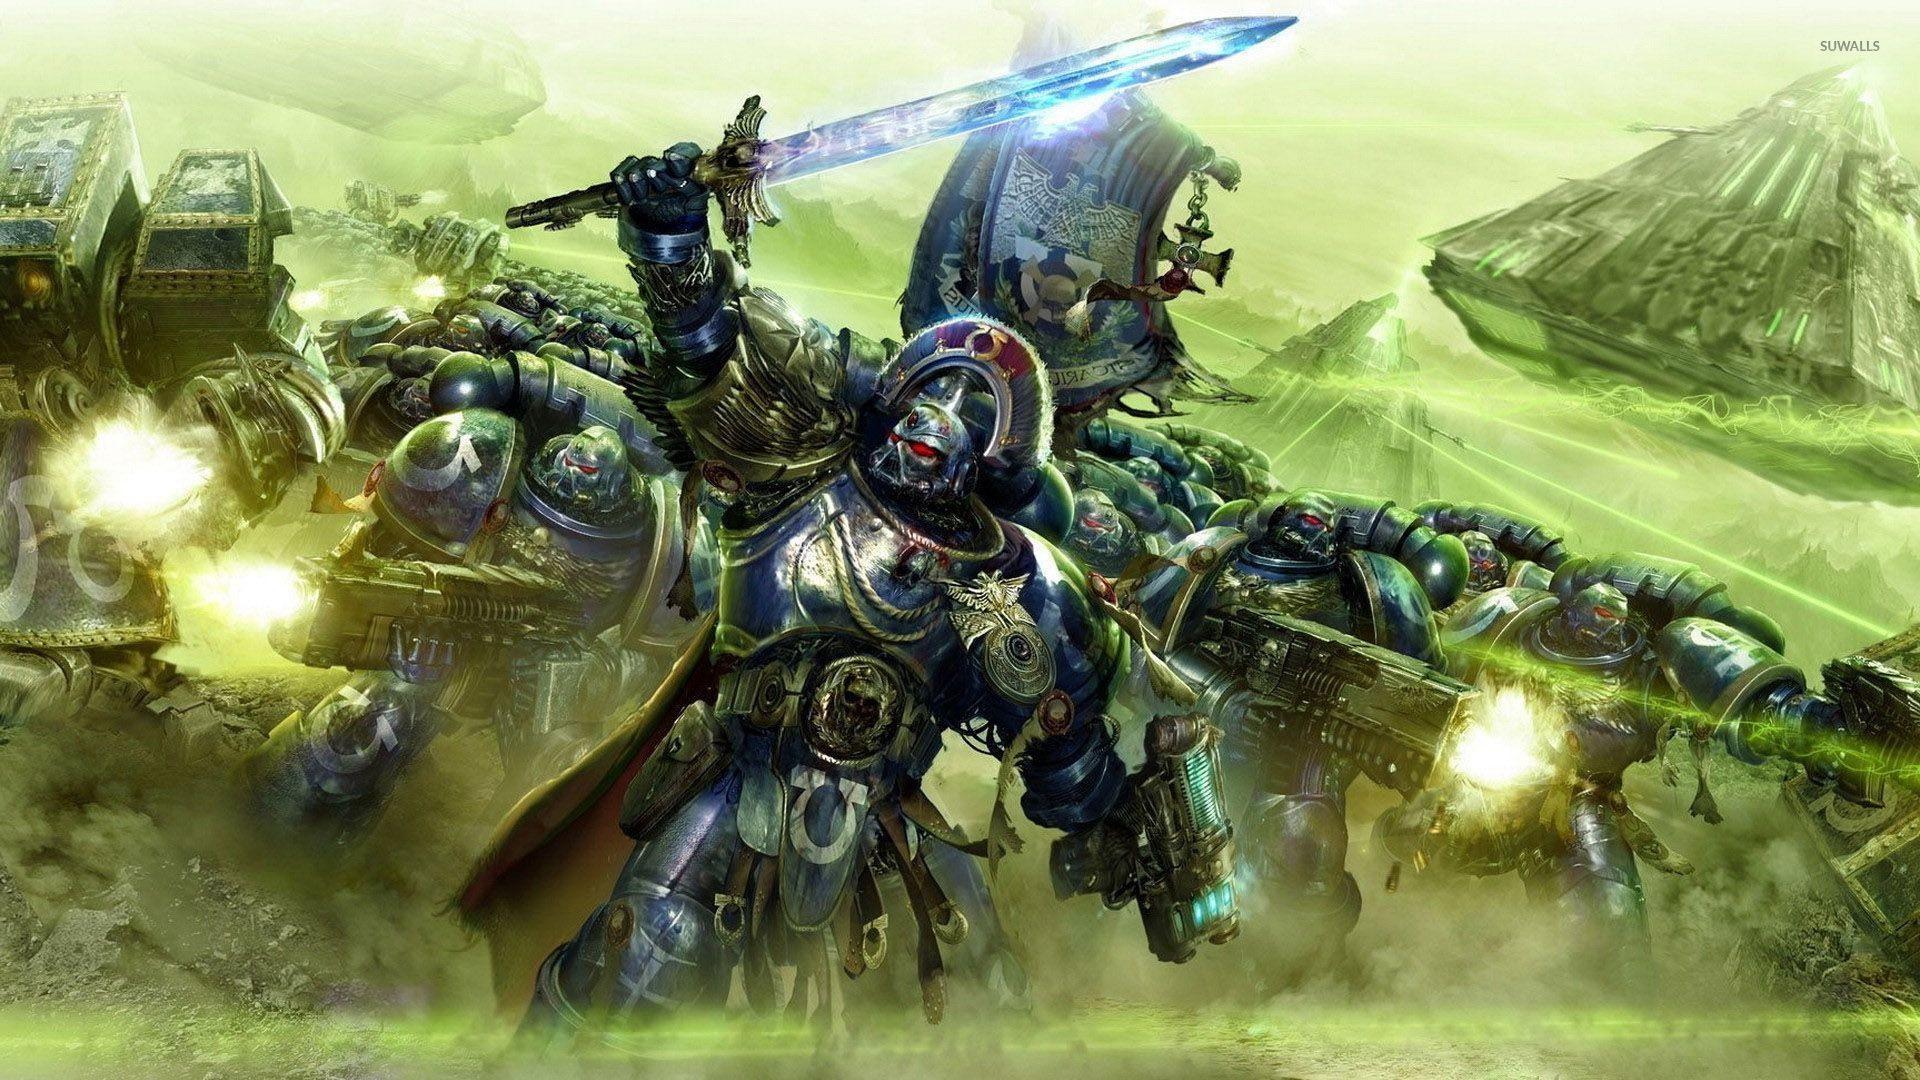 Ultramarines – Warhammer 40,000 wallpaper jpg